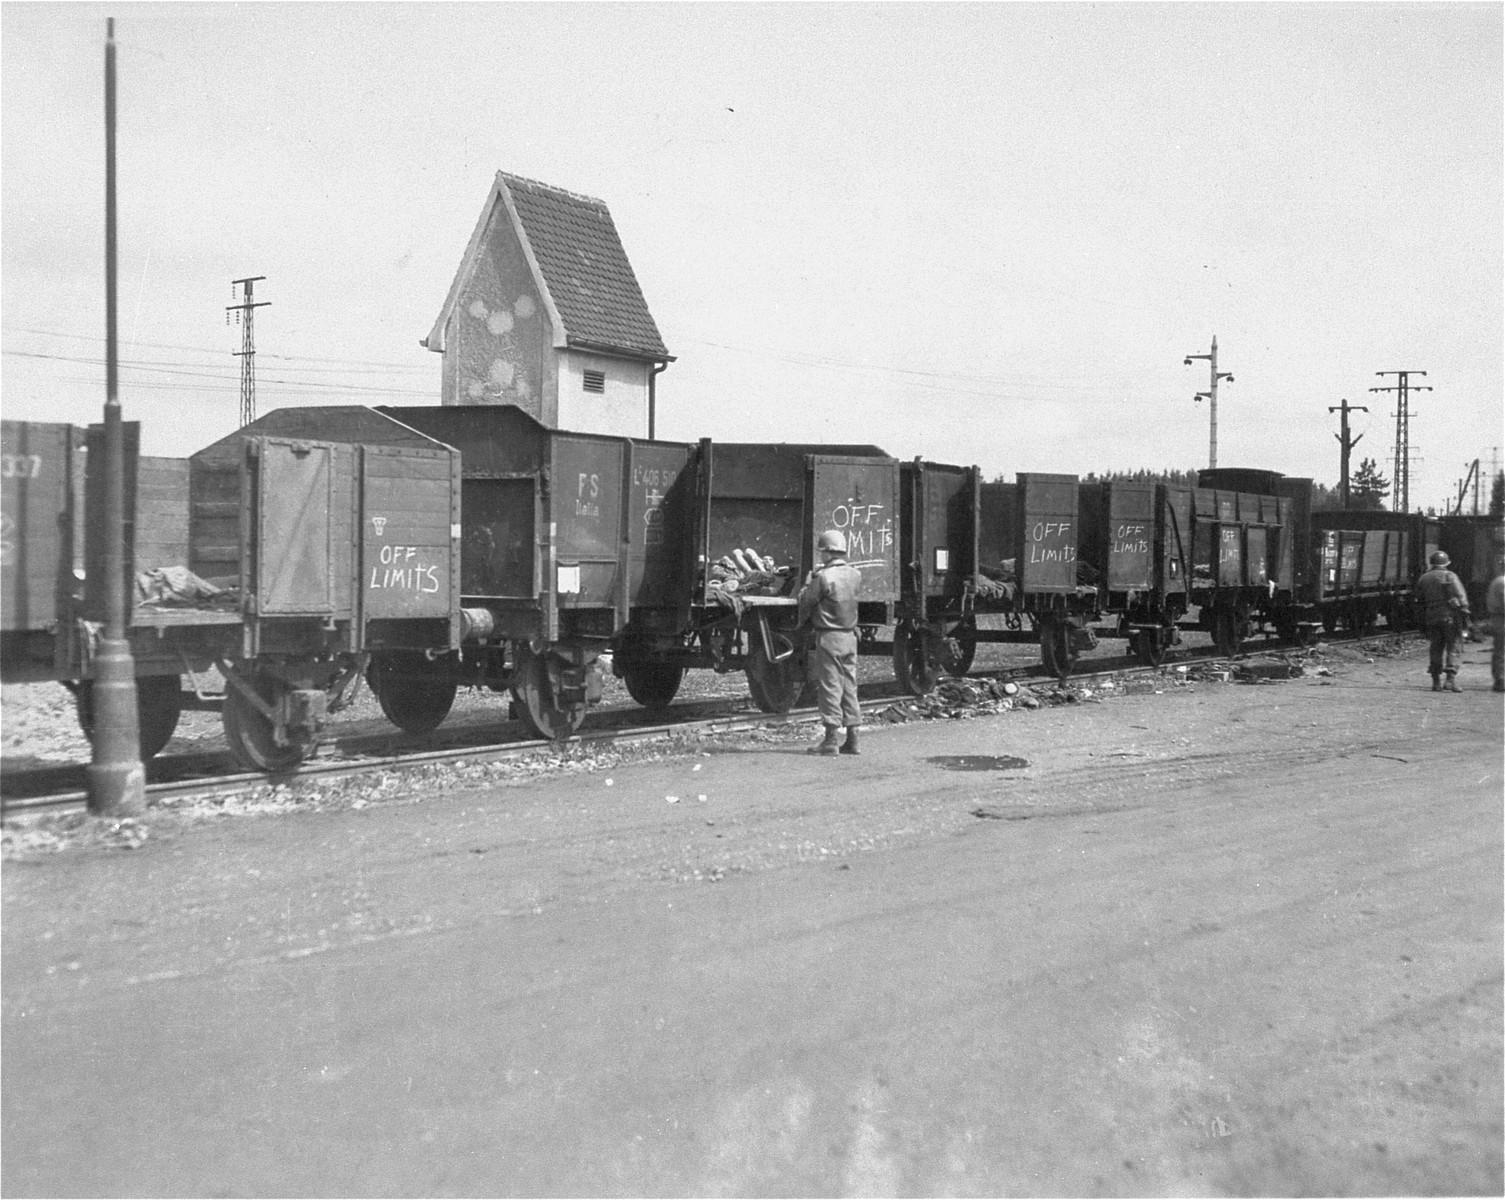 American soldiers view the Dachau death train.